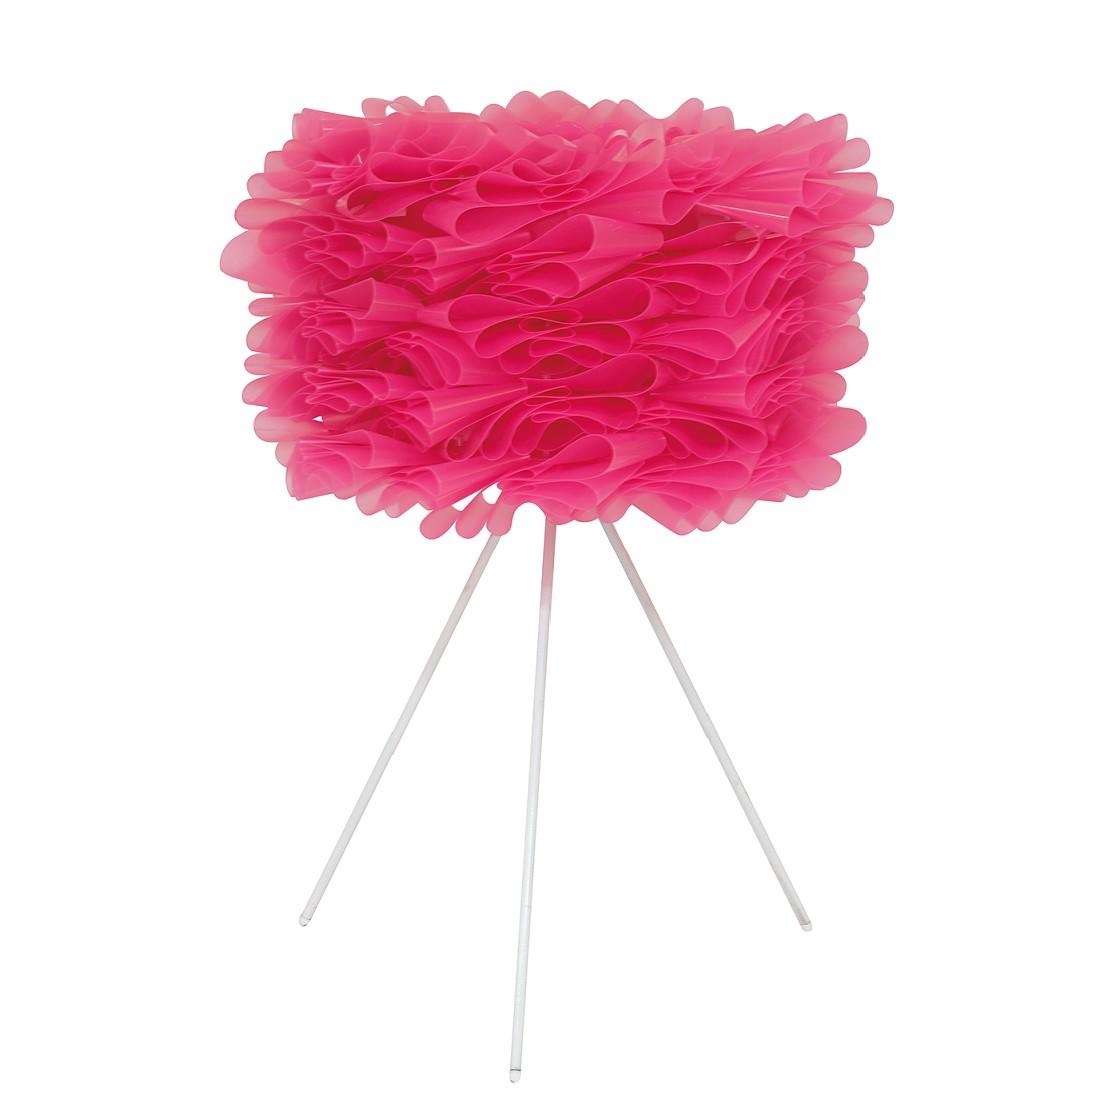 Tischleuchte Marty ● Kunststoff/ Metall ● Pink ● 1-flammig- Näve